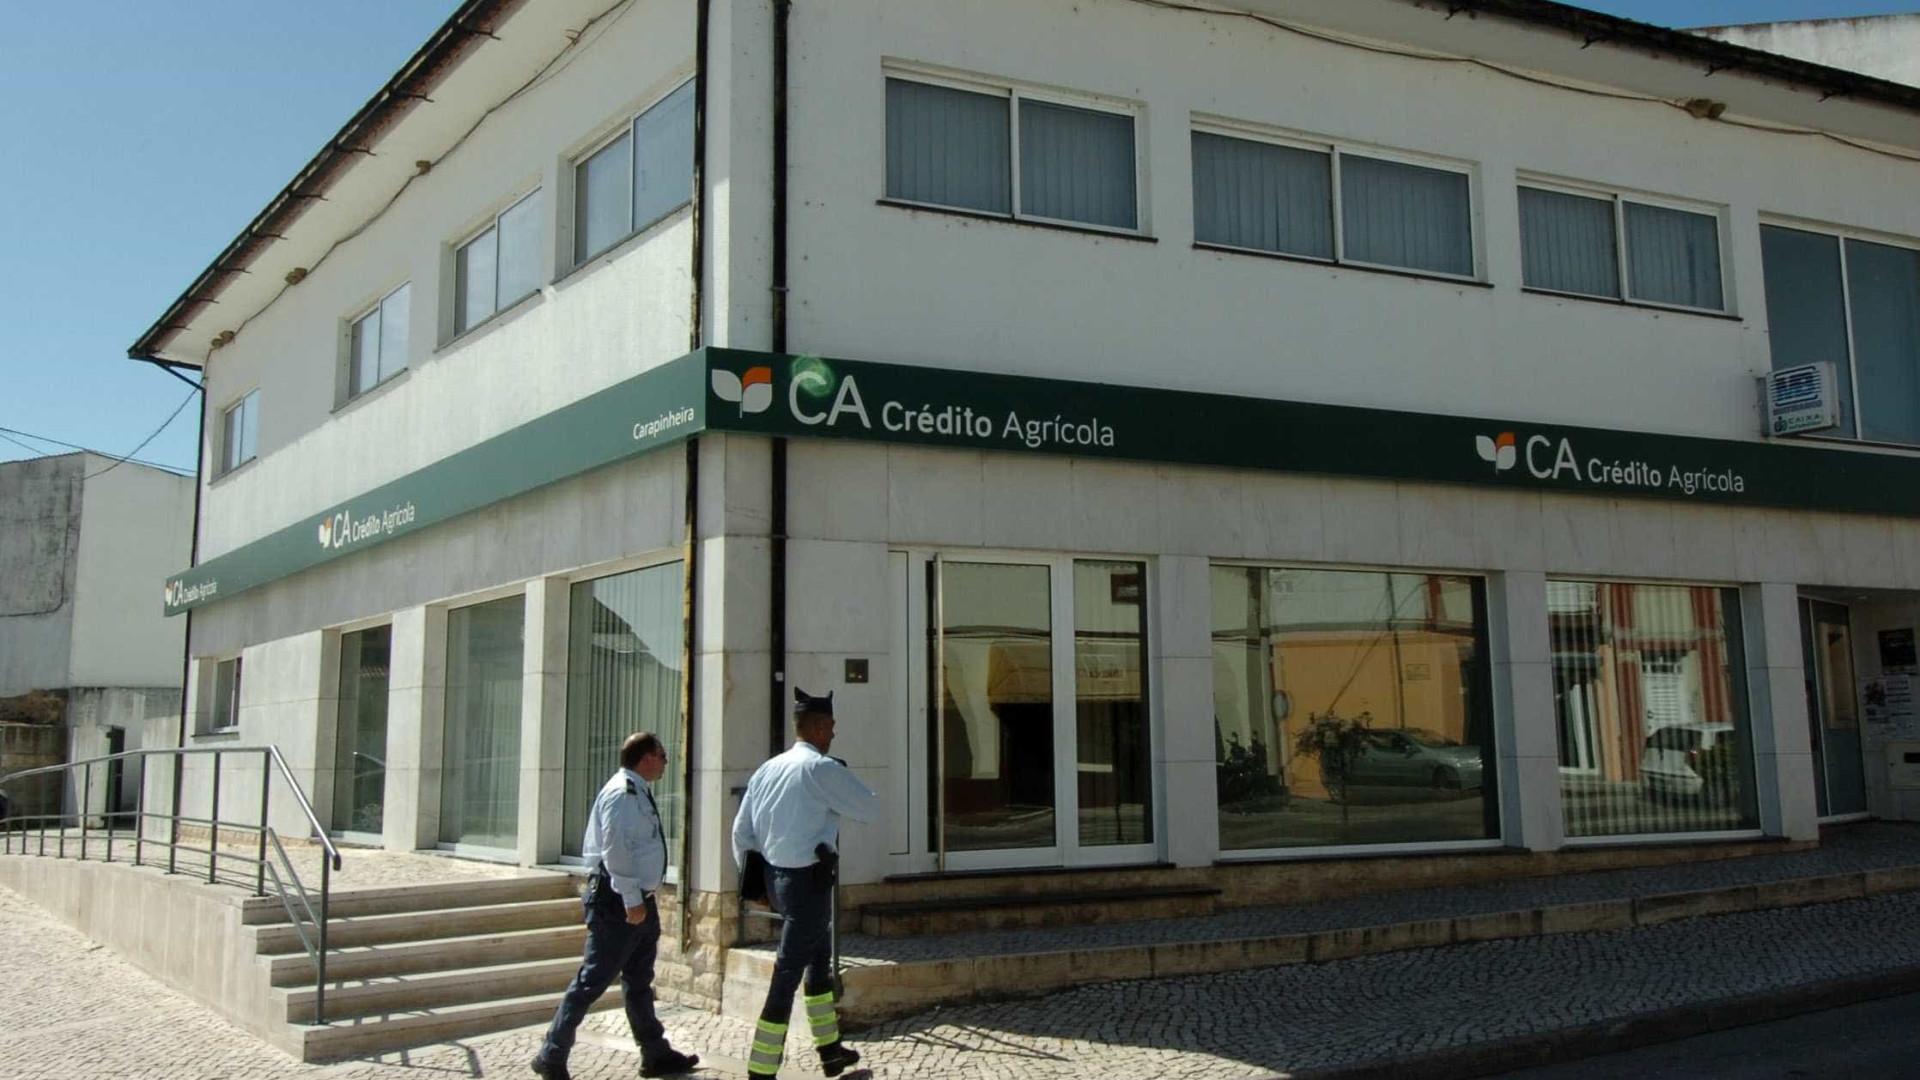 Crédito Agrícola e Santander Totta têm clientes mais satisfeitos da banca